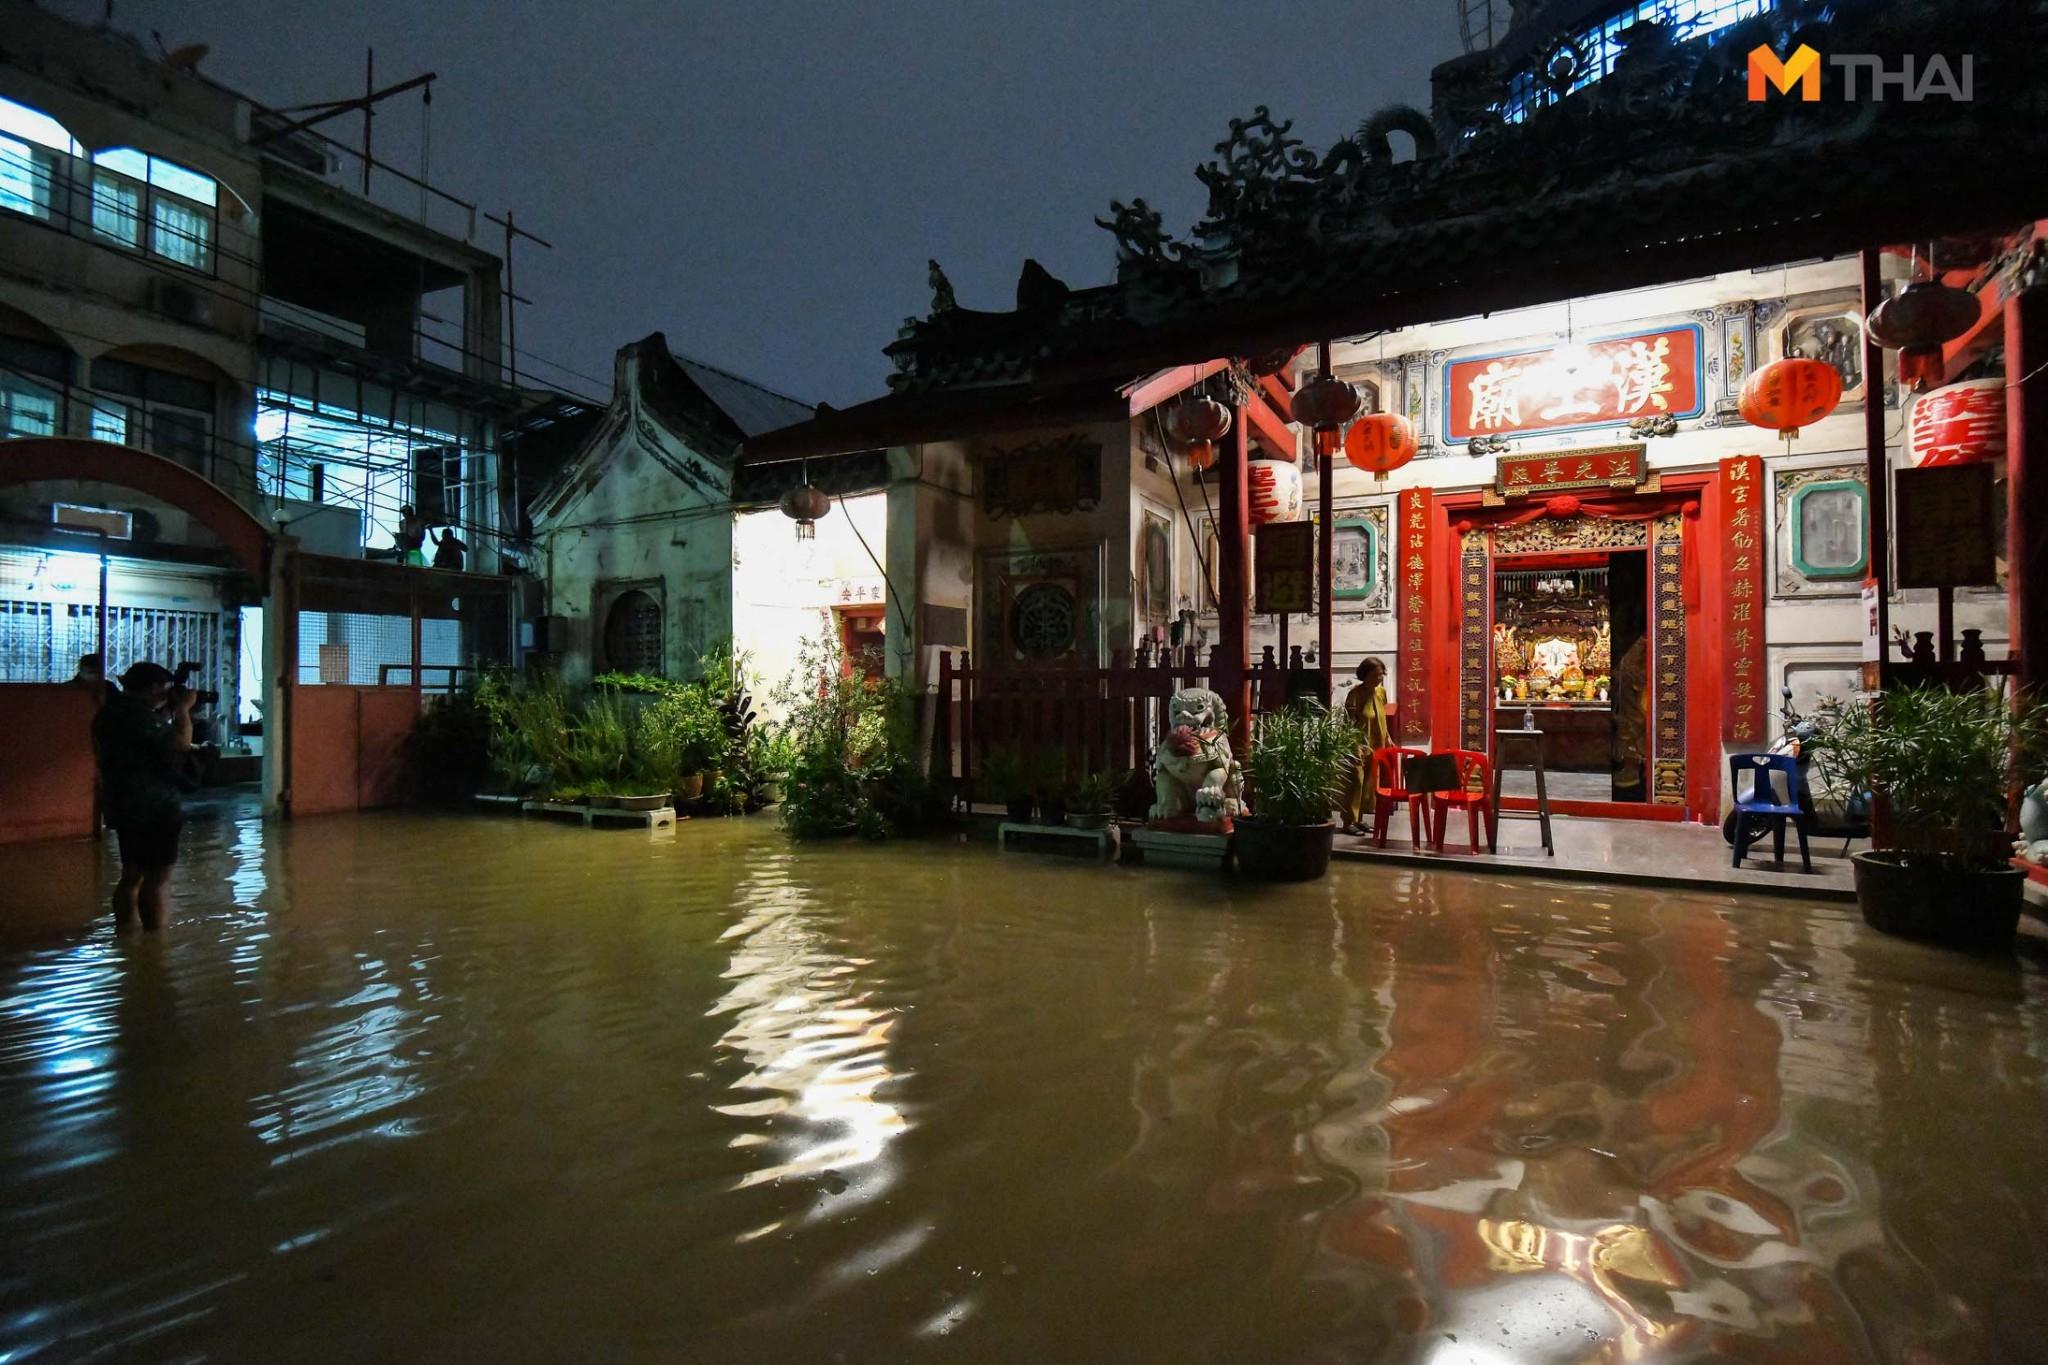 น้ำท่วม ศาลเจ้าโรงเกือก